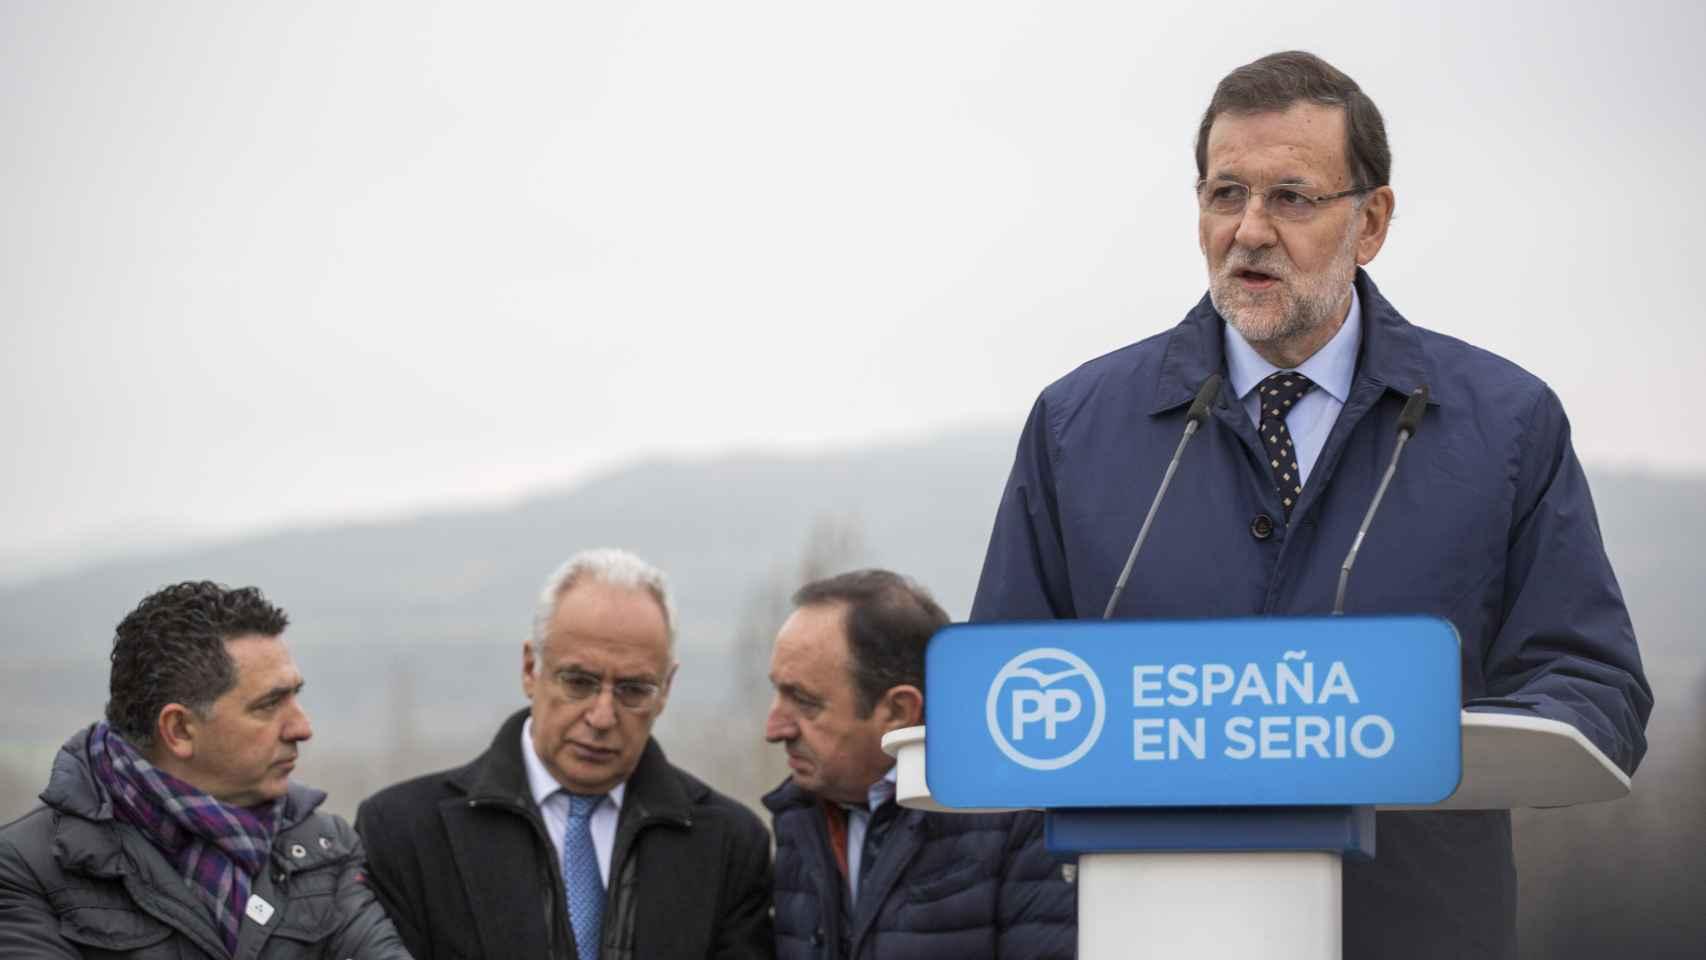 El PP asume que Mariano Rajoy perdió el 'cara a cara' con Sánchez